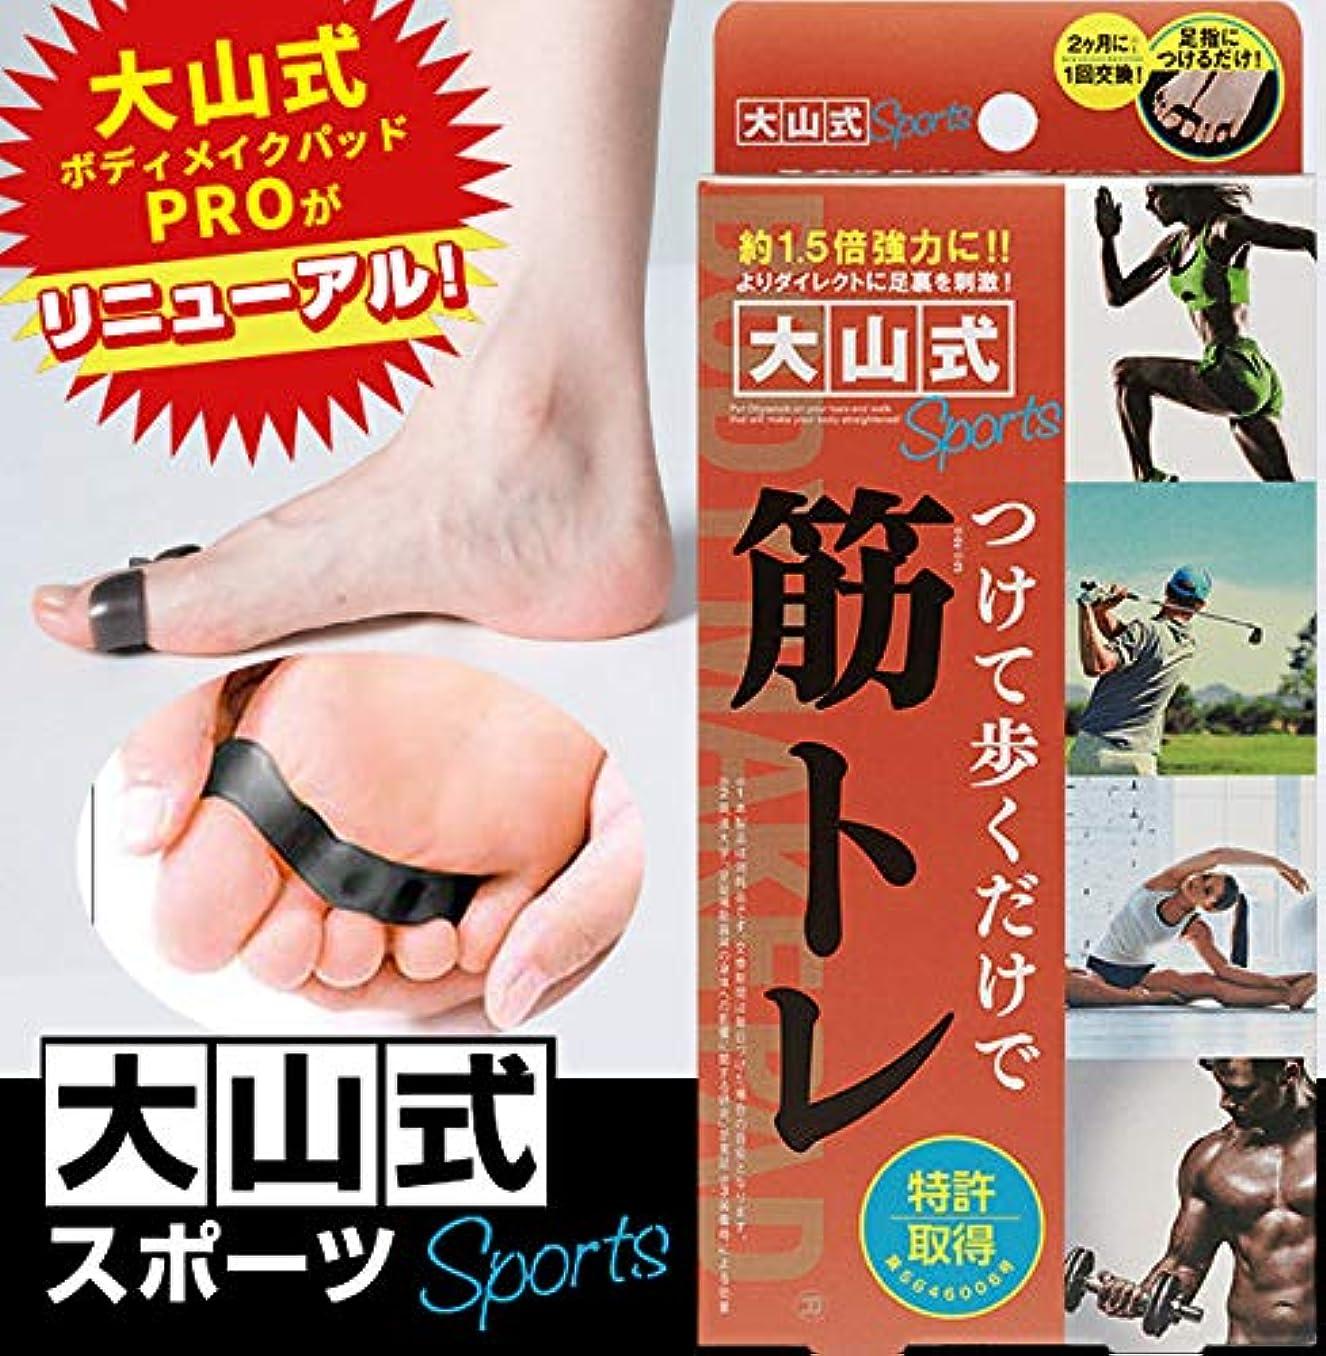 アクロバットポスター惨めな大山式ボディメイクパッド スポーツ Sports